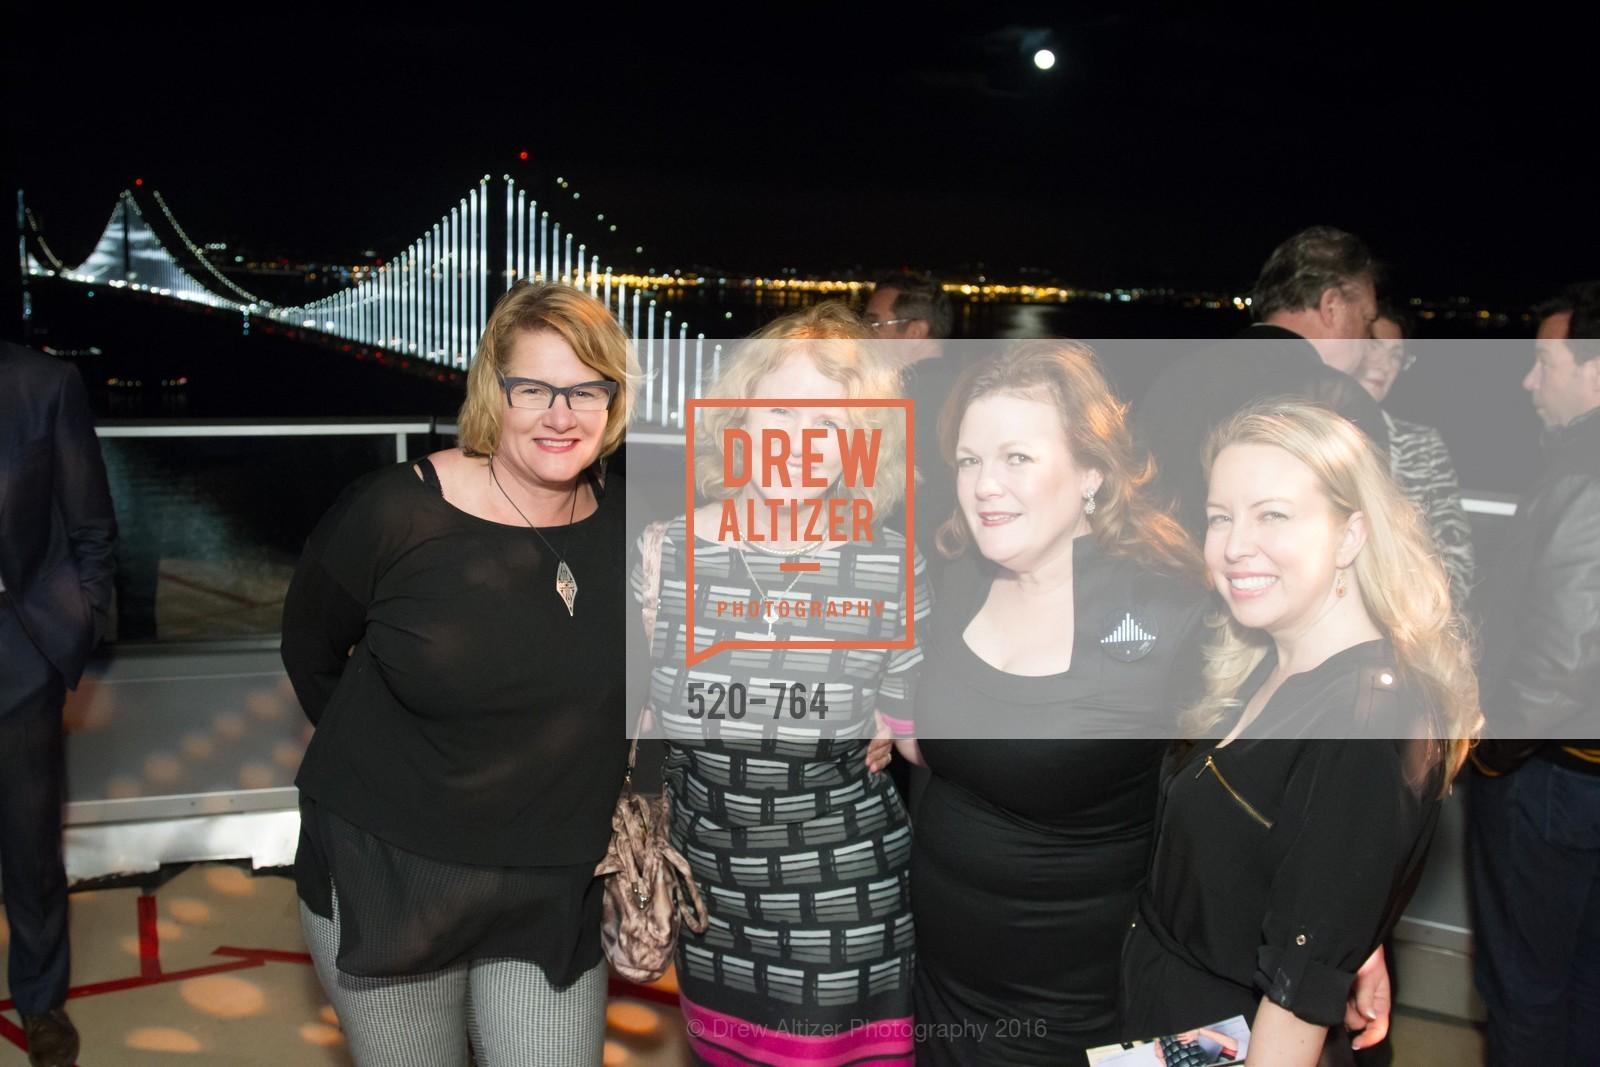 Harley Dubois, Marian Goodell, Jennifer Raiser, Teresa Duncan, Photo #520-764